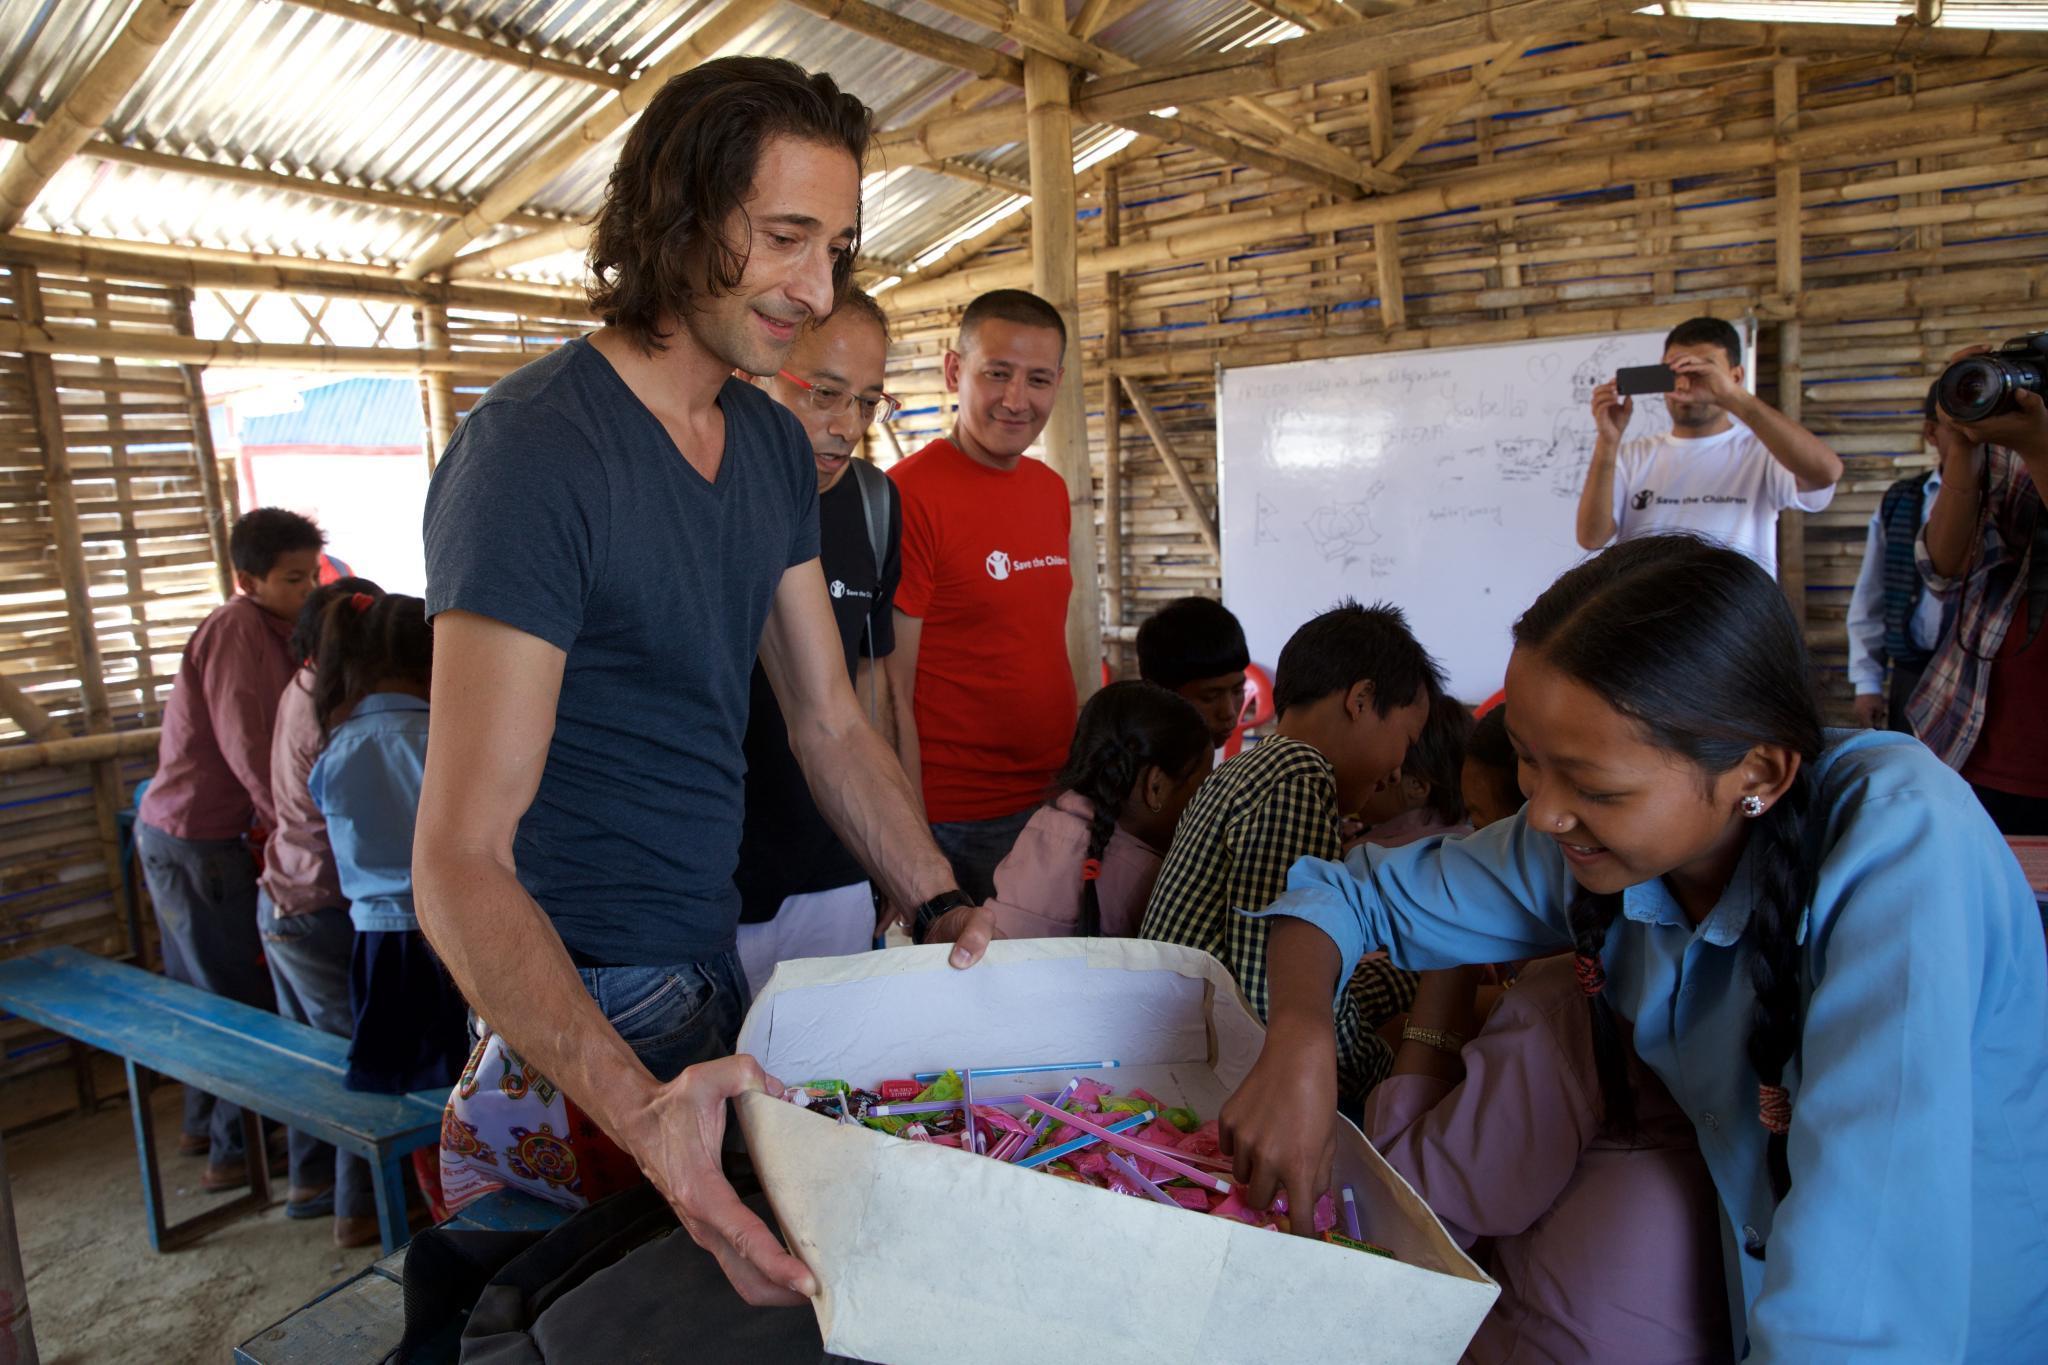 Schauspieler Adrien Brody in Nepal - Er hatte die längste Anreise.